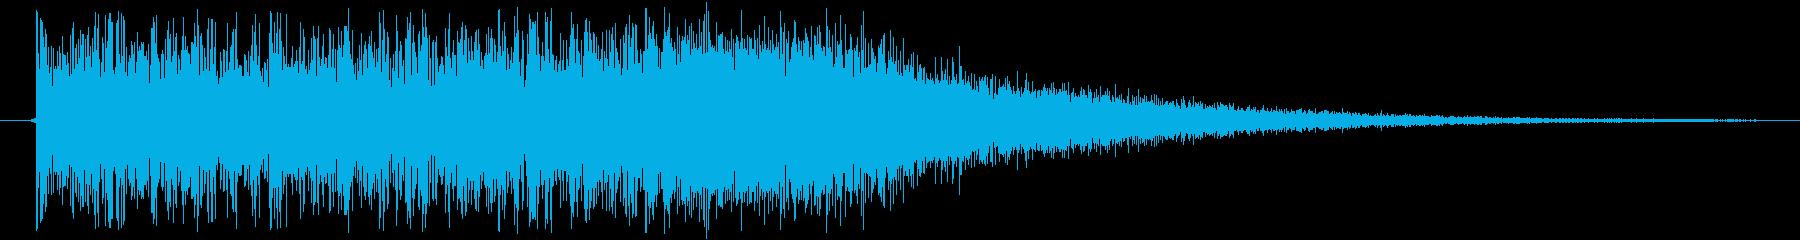 ロック調な激しい正解時サウンドの再生済みの波形